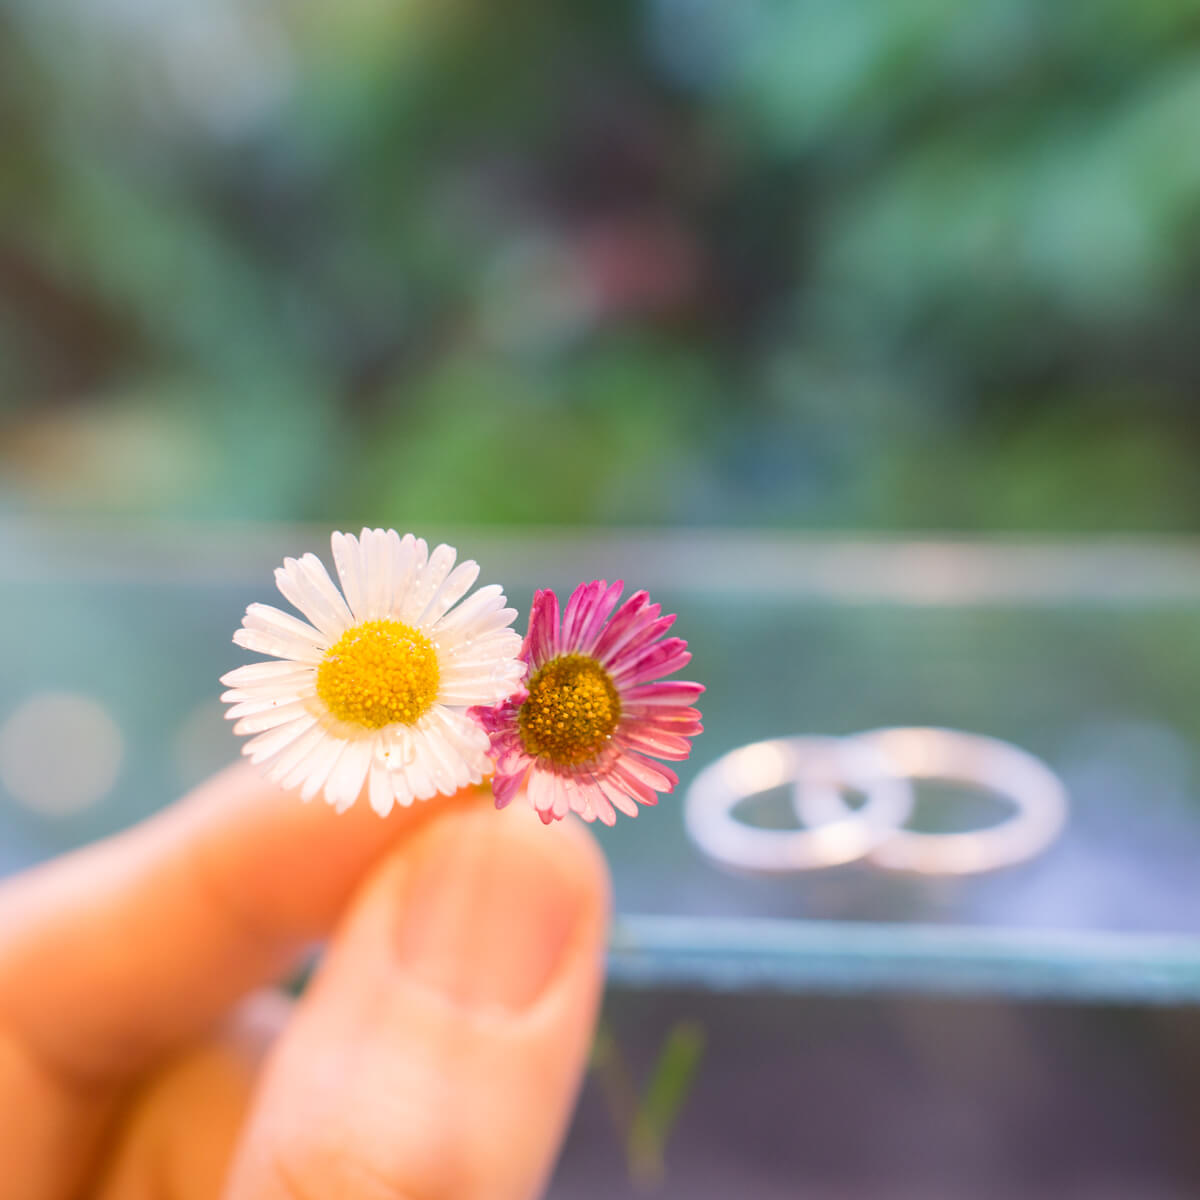 屋久島しずくギャラリーの室内 手に花 奥に結婚指輪 シルバー 屋久島でつくる結婚指輪